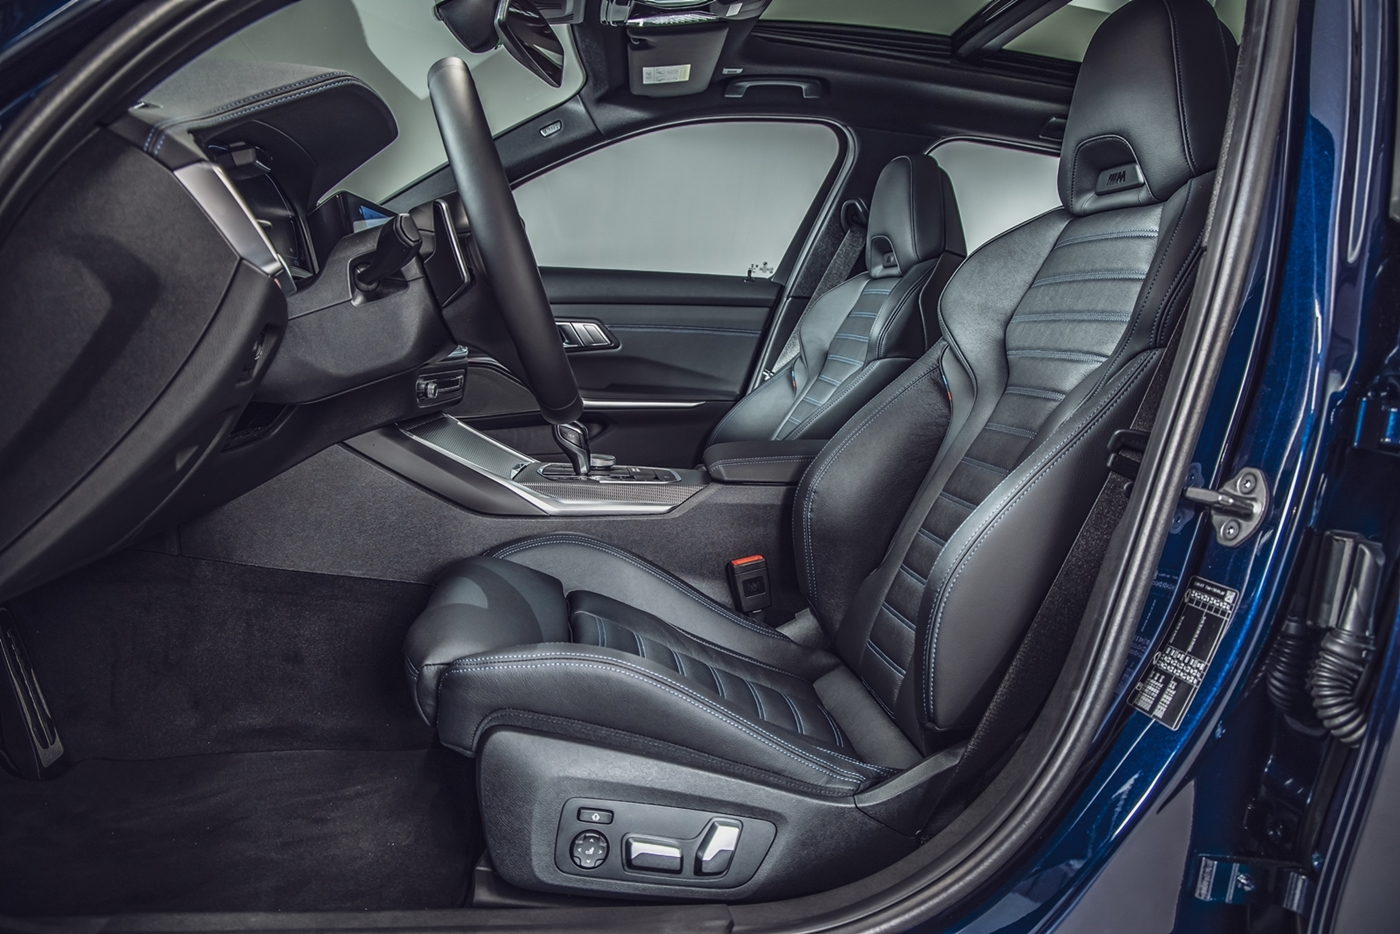 M 雙前座跑車座椅搭配全新 Vernasca 真皮內裝。